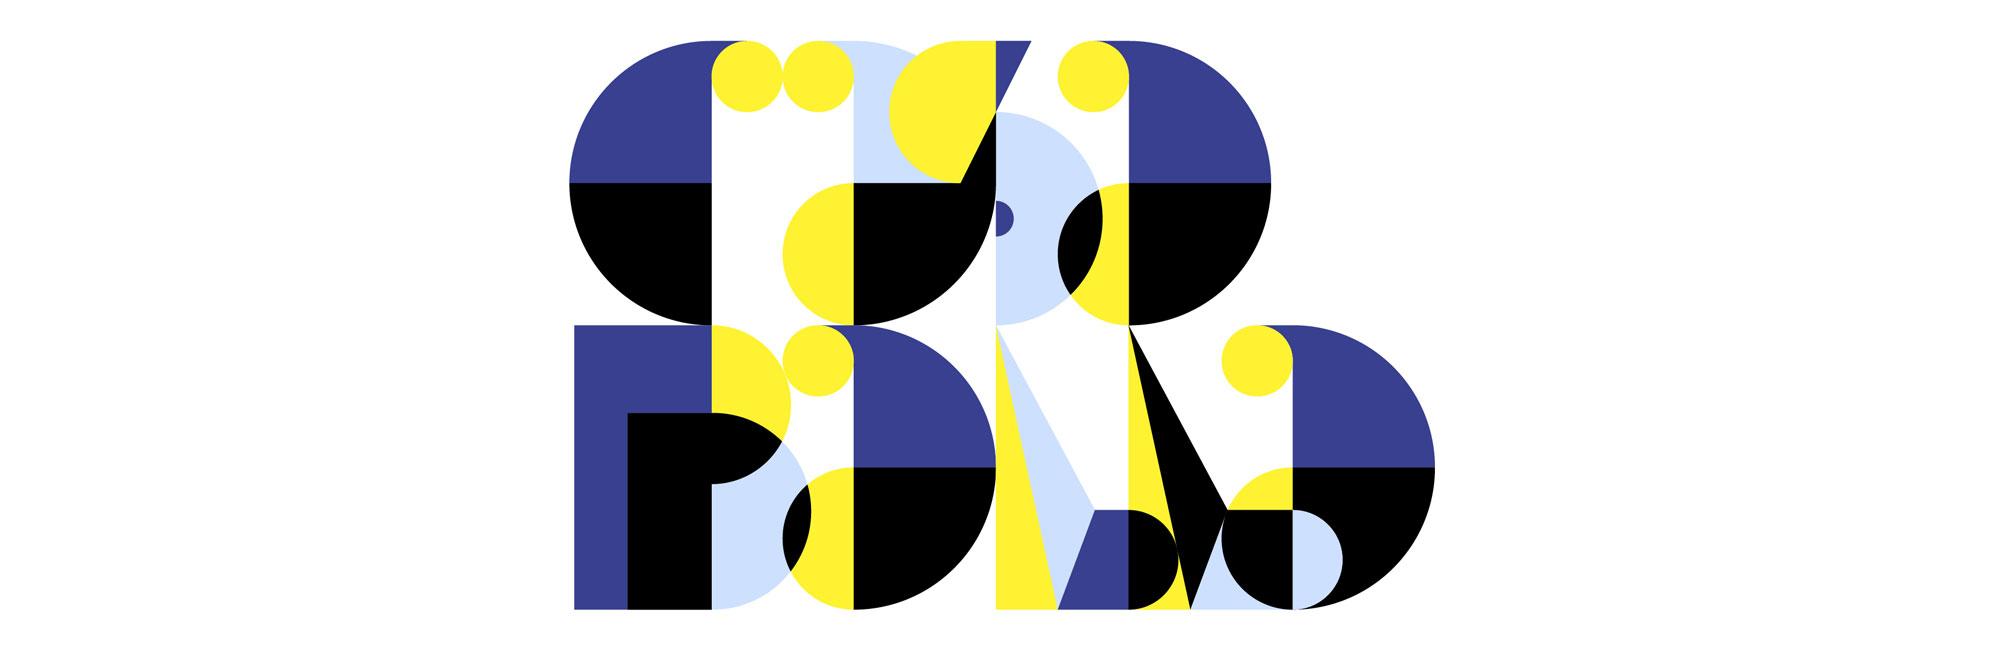 Casa Balla - MAXXI - Casa Balla. Dalla casa all'universo e ritorno - Art Club - Associazione culturale - Visite guidate a Roma - Esperienze di Arte - Ottobre - 2021